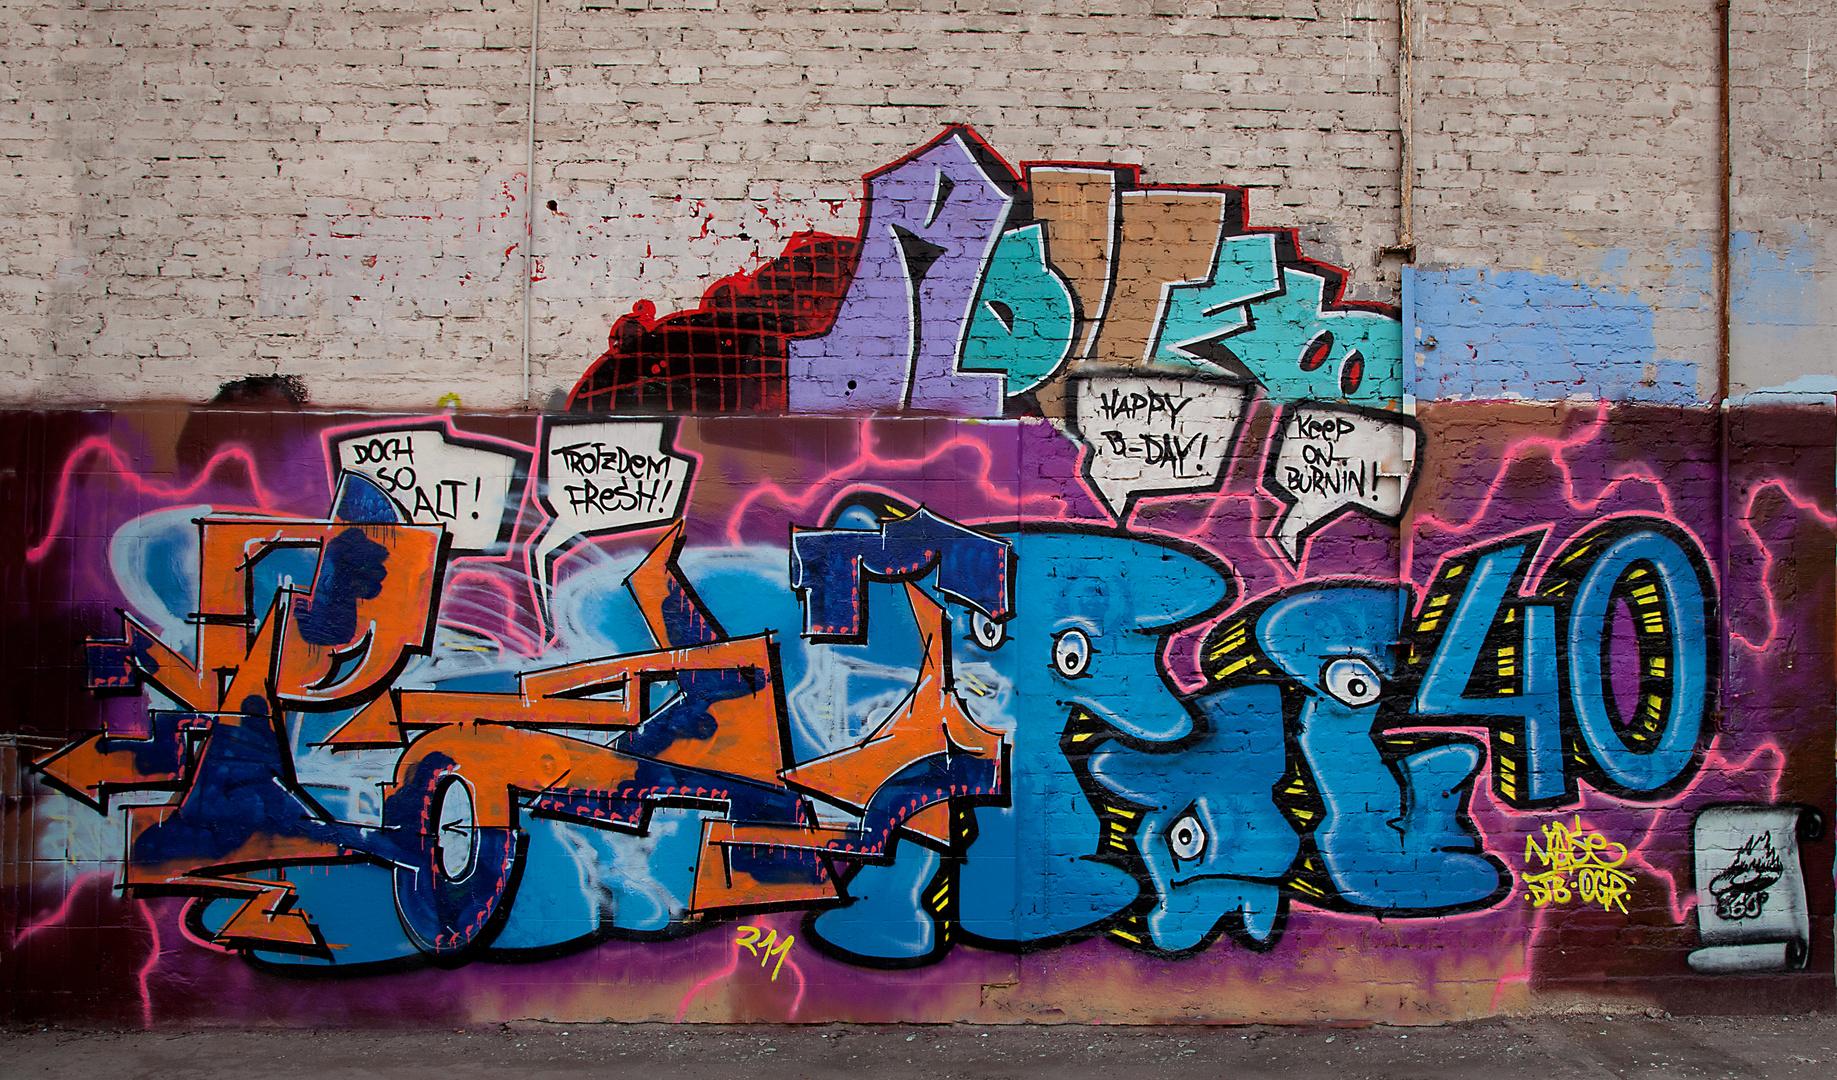 Graffiti AllesGute zum 40. Geburtstag